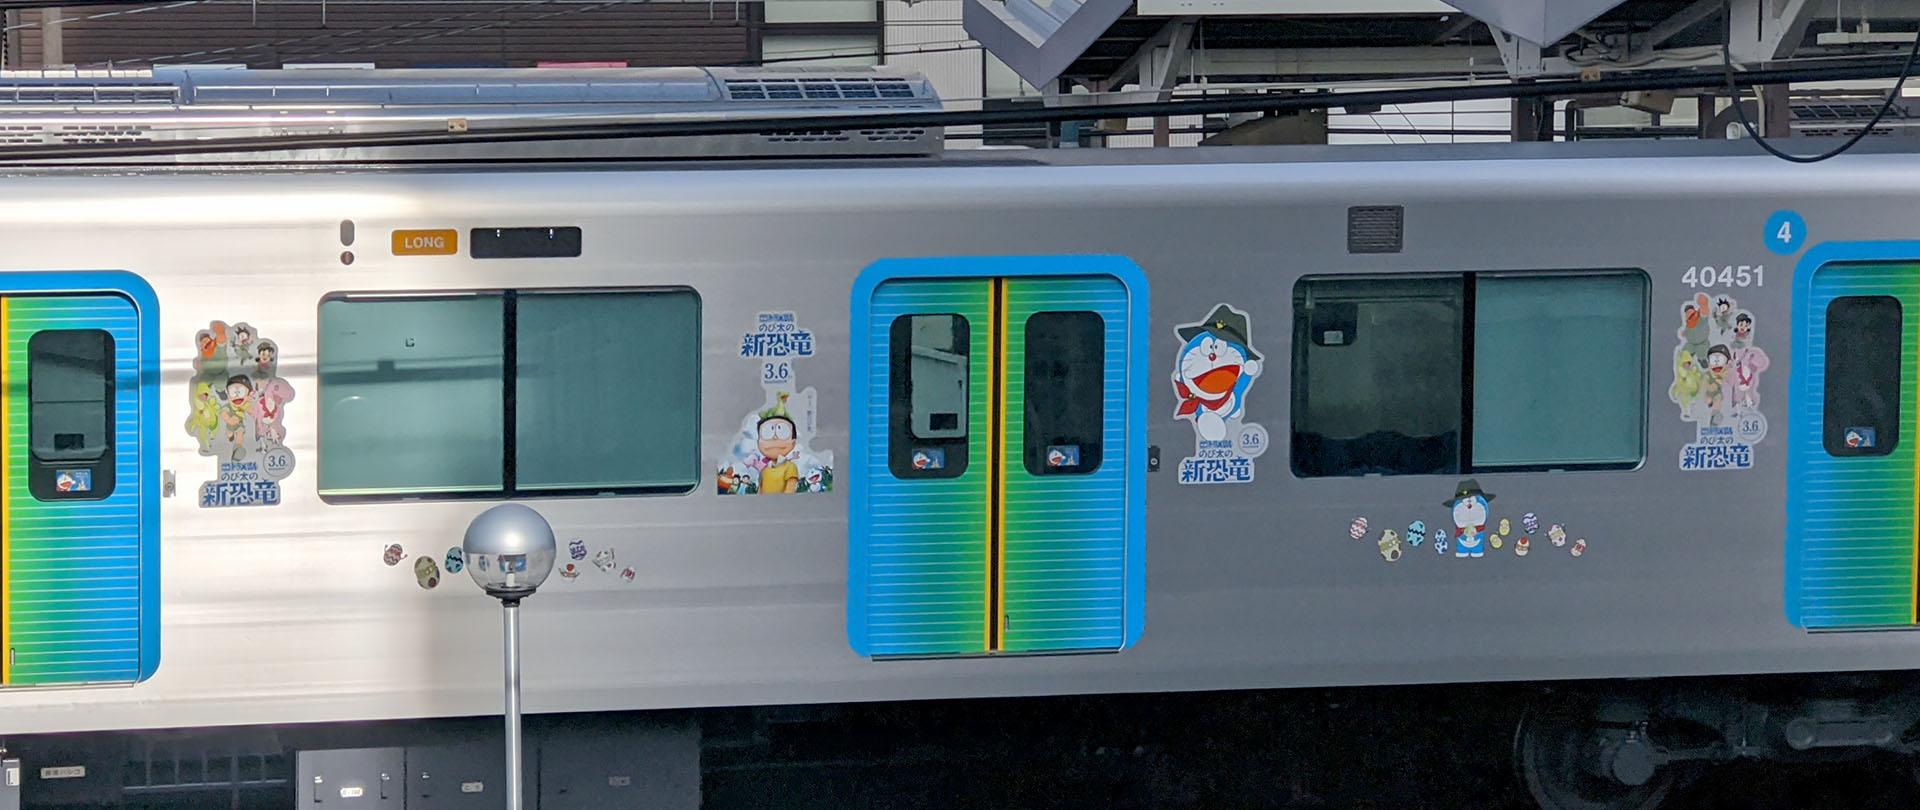 Pixel 4 XLでドラえもんラッピング電車を撮りに行った